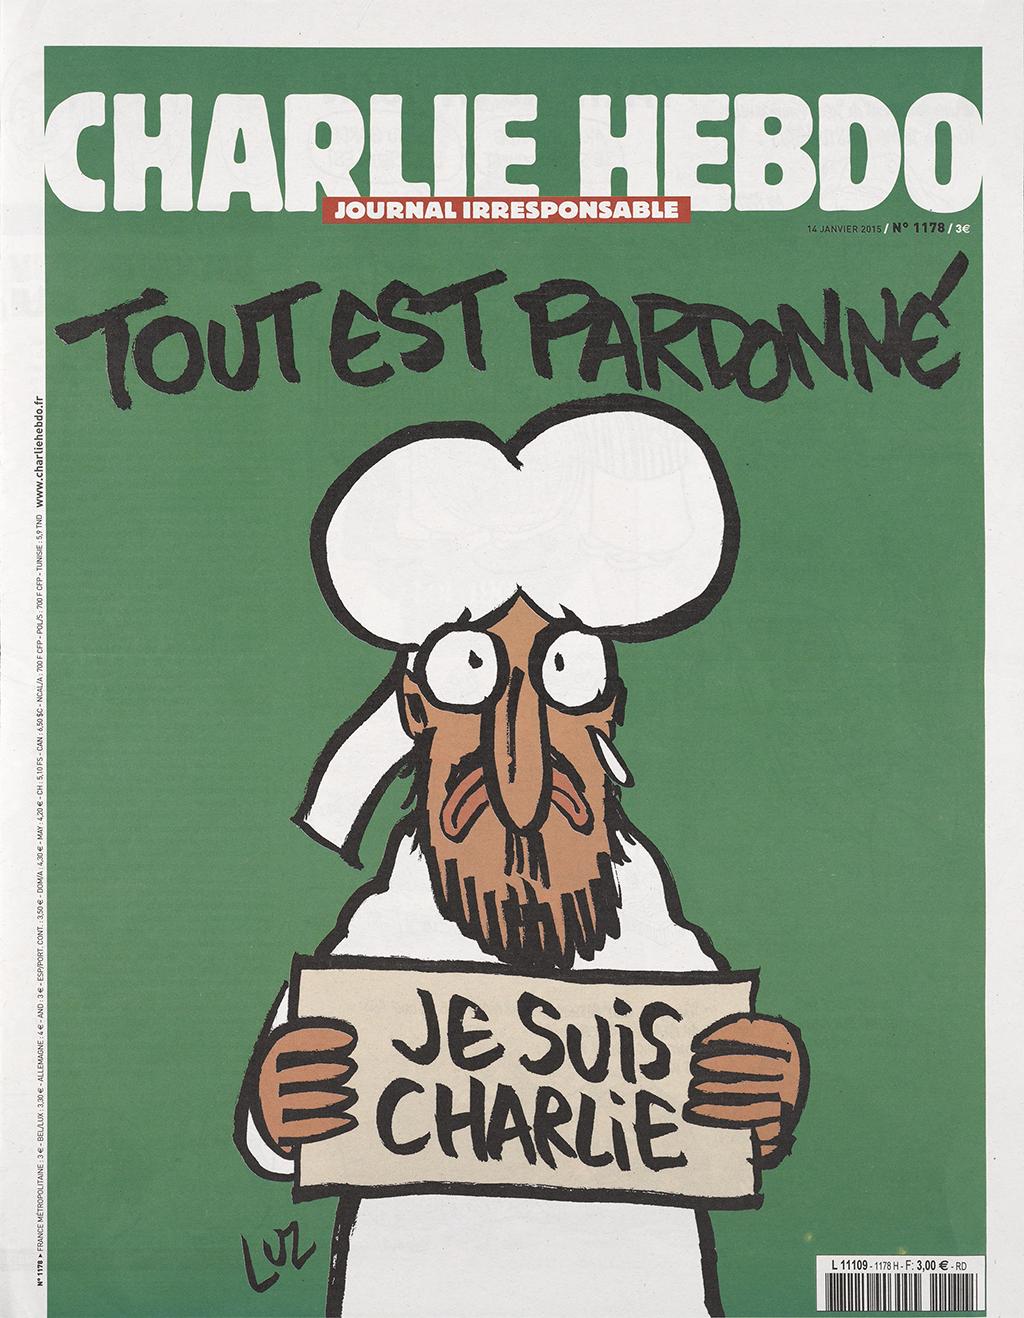 Cover of Charlie HebdoIssue No. 1178